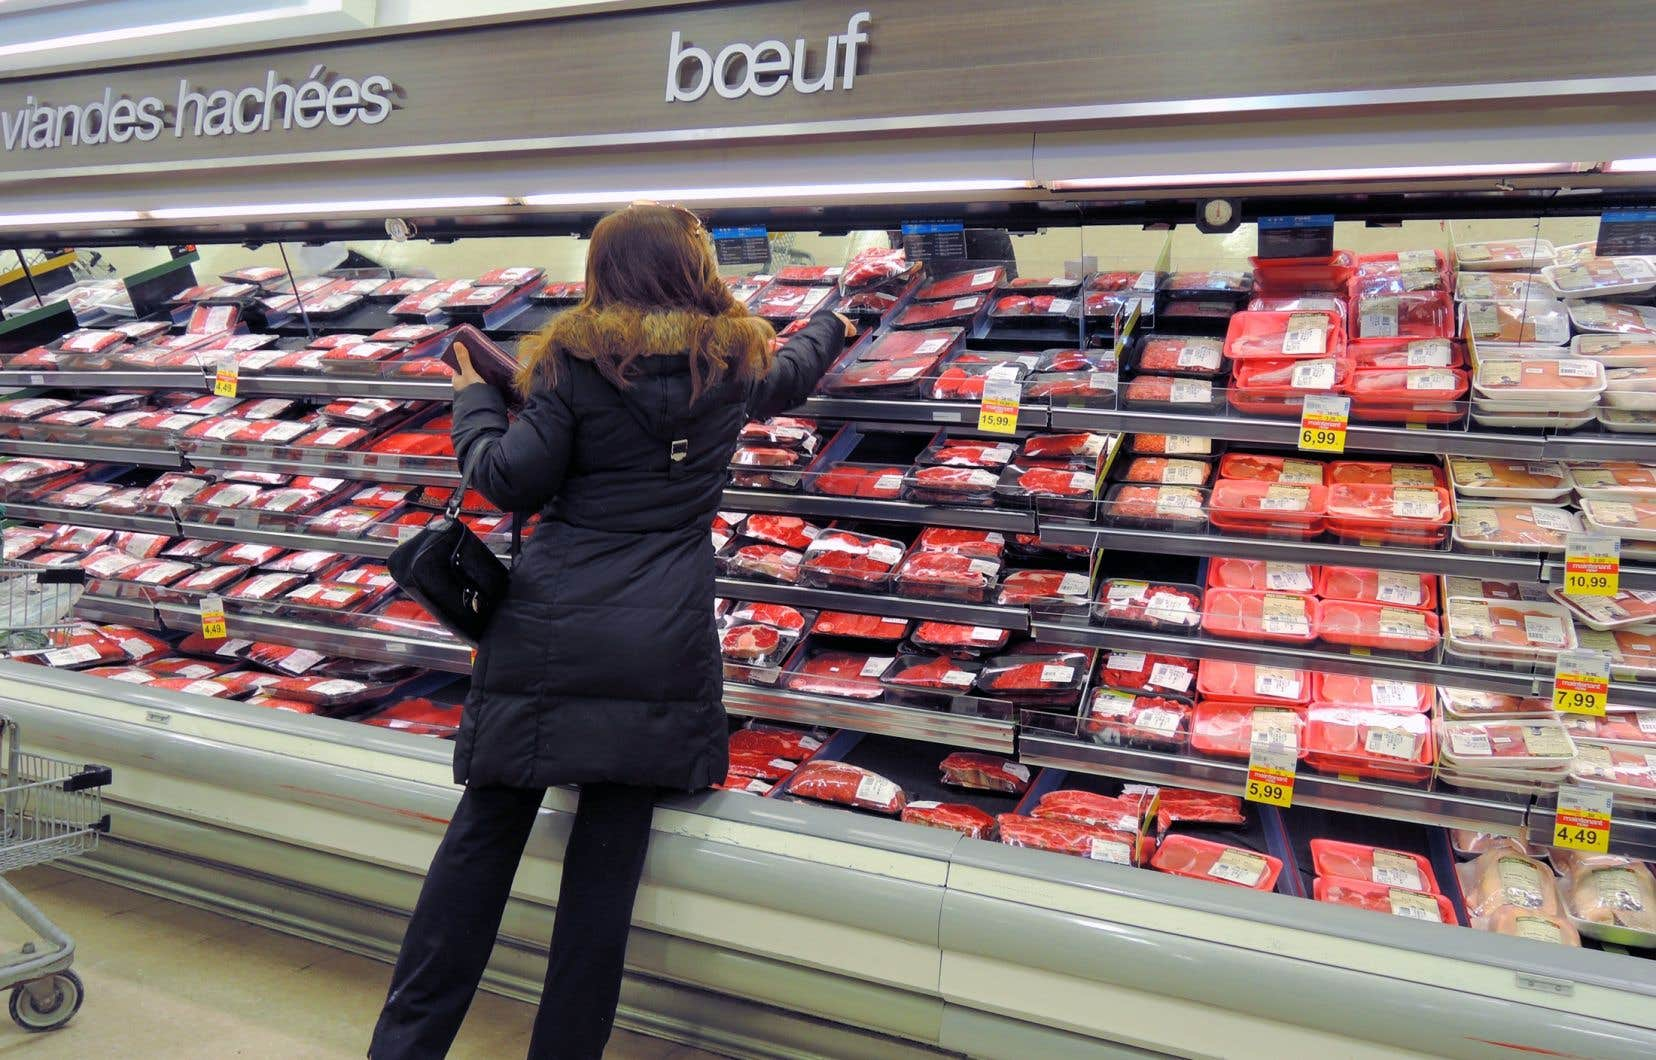 «Les émissions de GES qui découlent de la production d'un kilogramme de bœuf peuvent représenter jusqu'à 140 fois celles d'un kilogramme de légumineuses», estiment les auteurs.